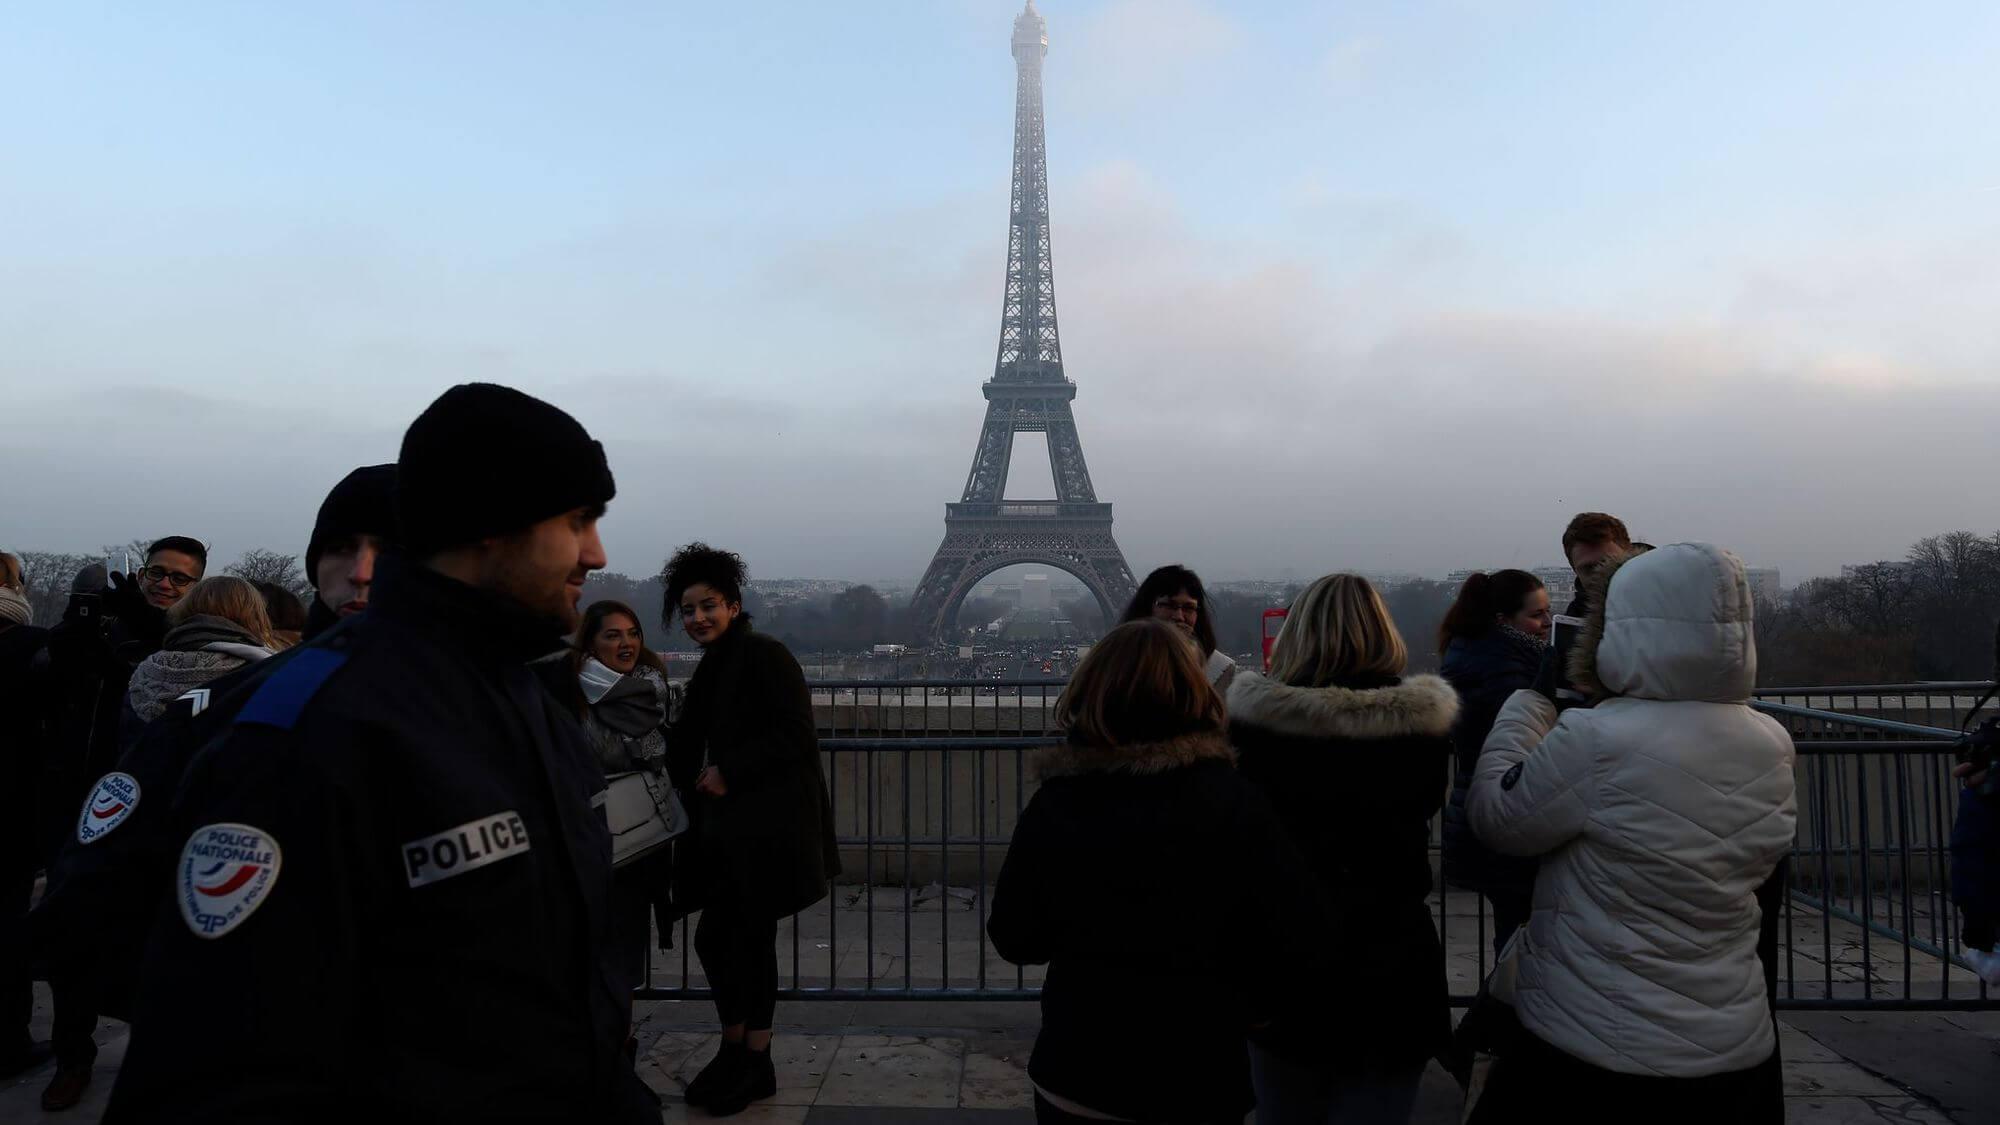 17 Policiers Radicalisés Recensés Entre 2012 Et 2015 à Paris